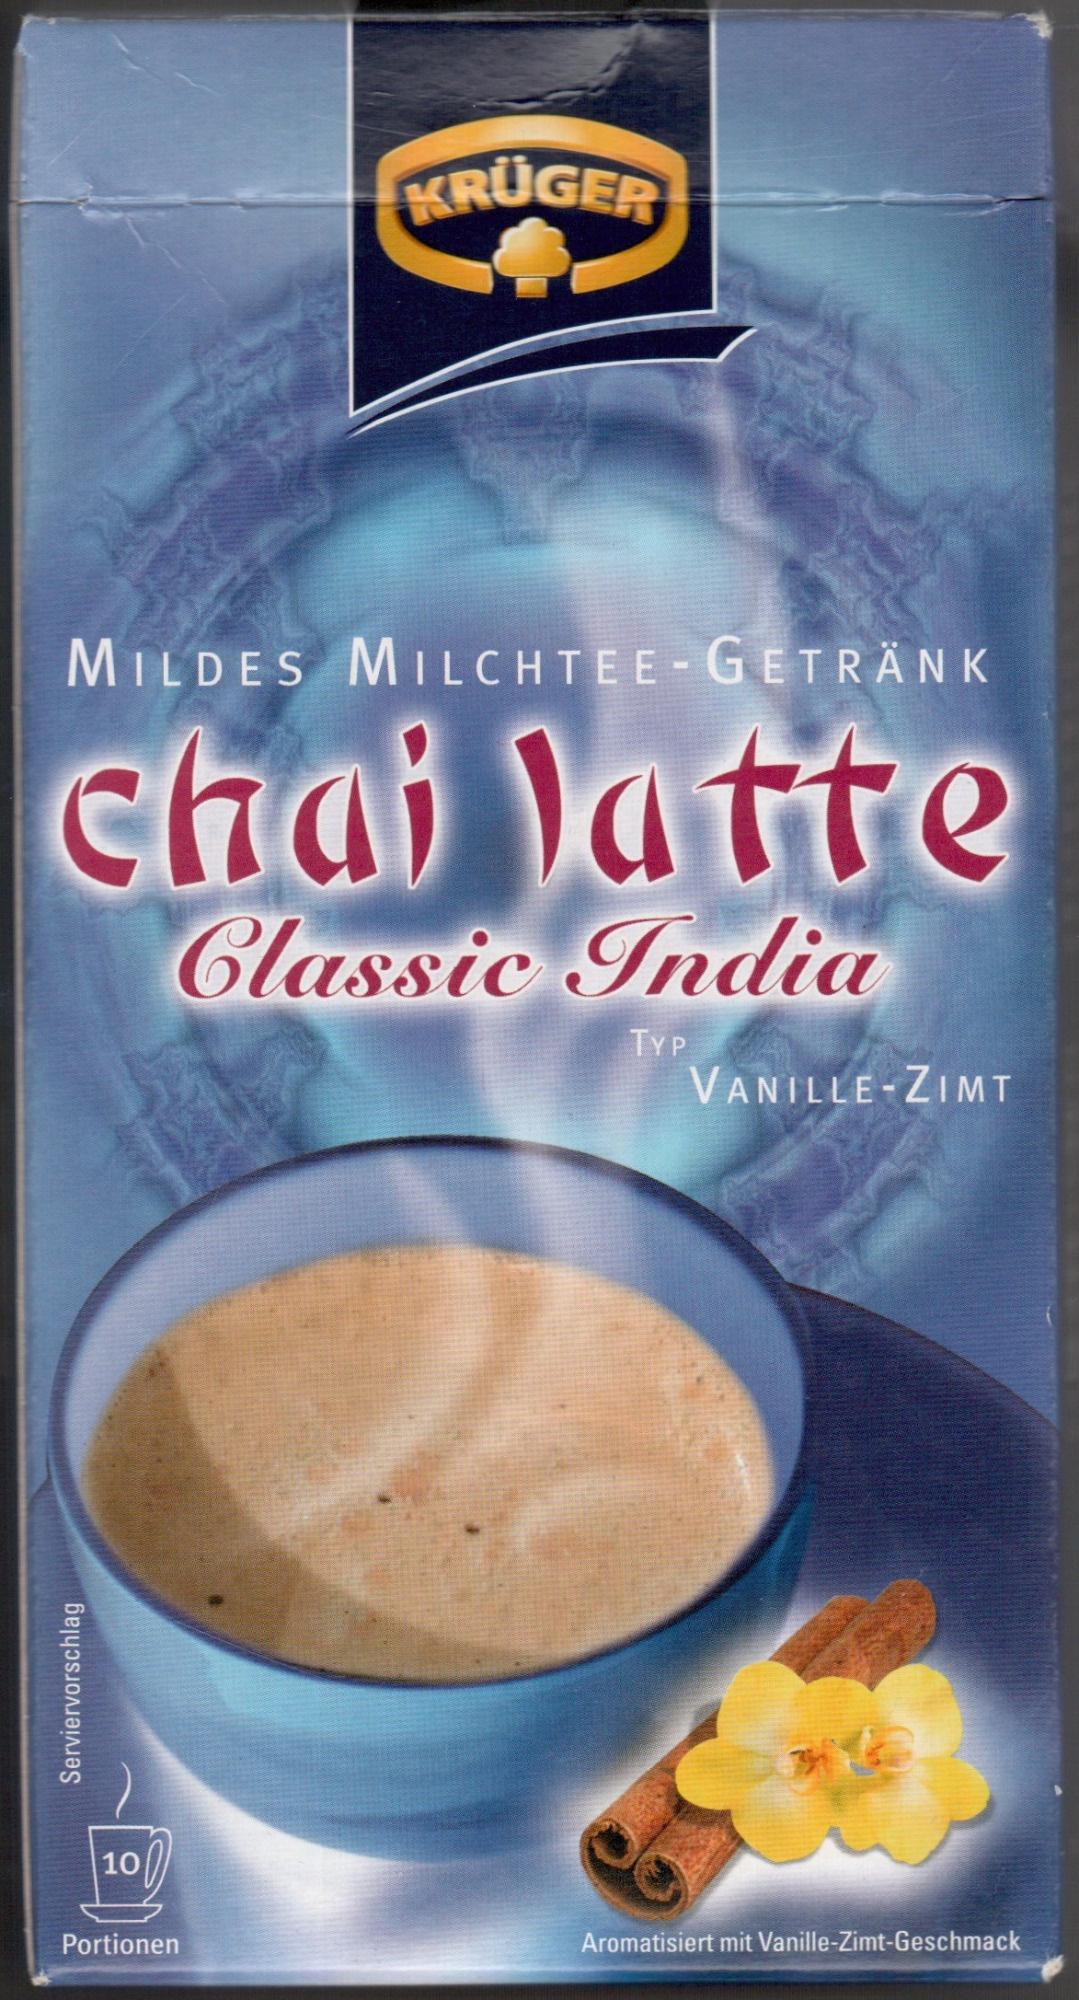 Chai latte Classic India - Typ Vanille-Zimt - Produit - de